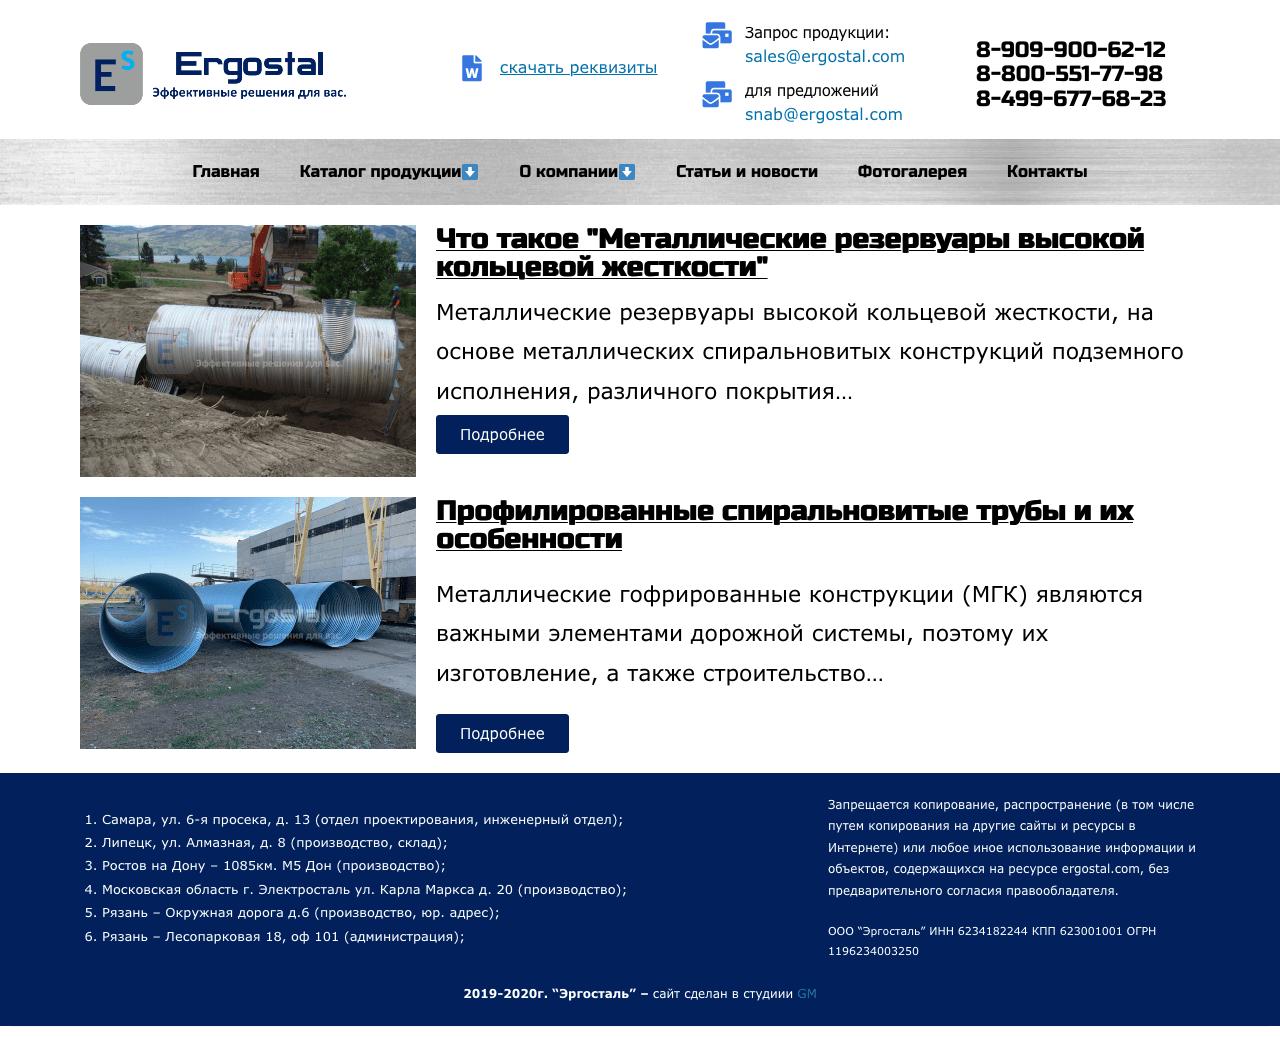 Сайт по Проектированию и изготовлению зданий из металлокаркасов